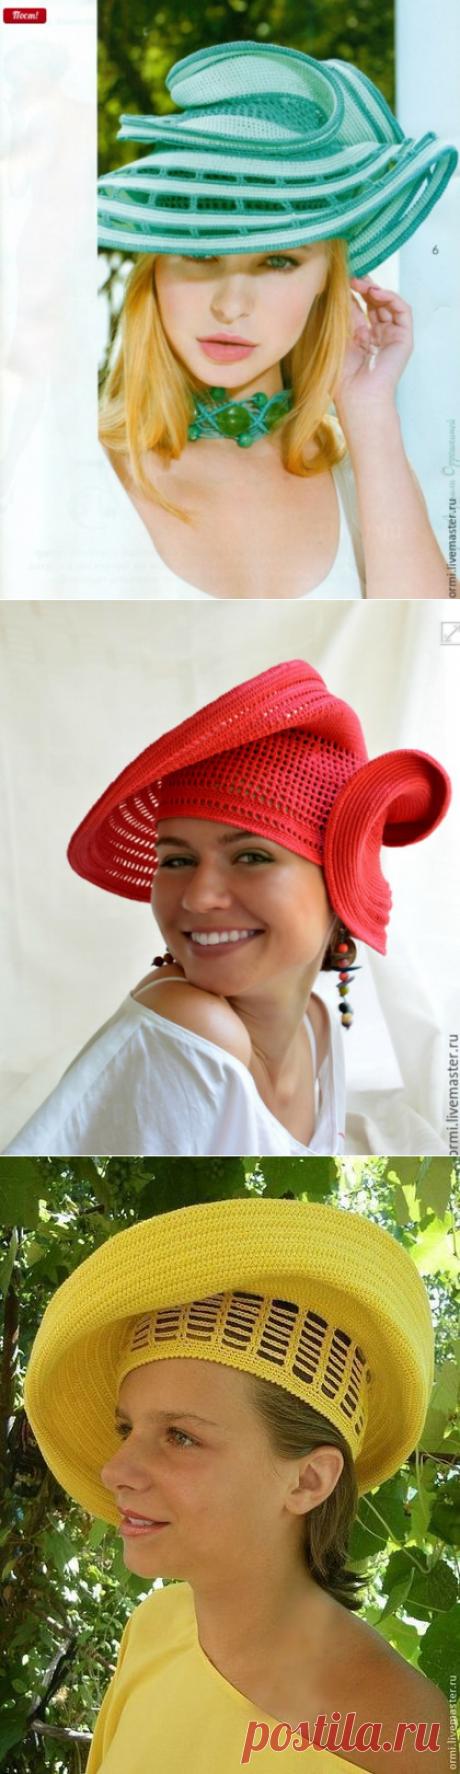 Потрясающие вязаные шляпы